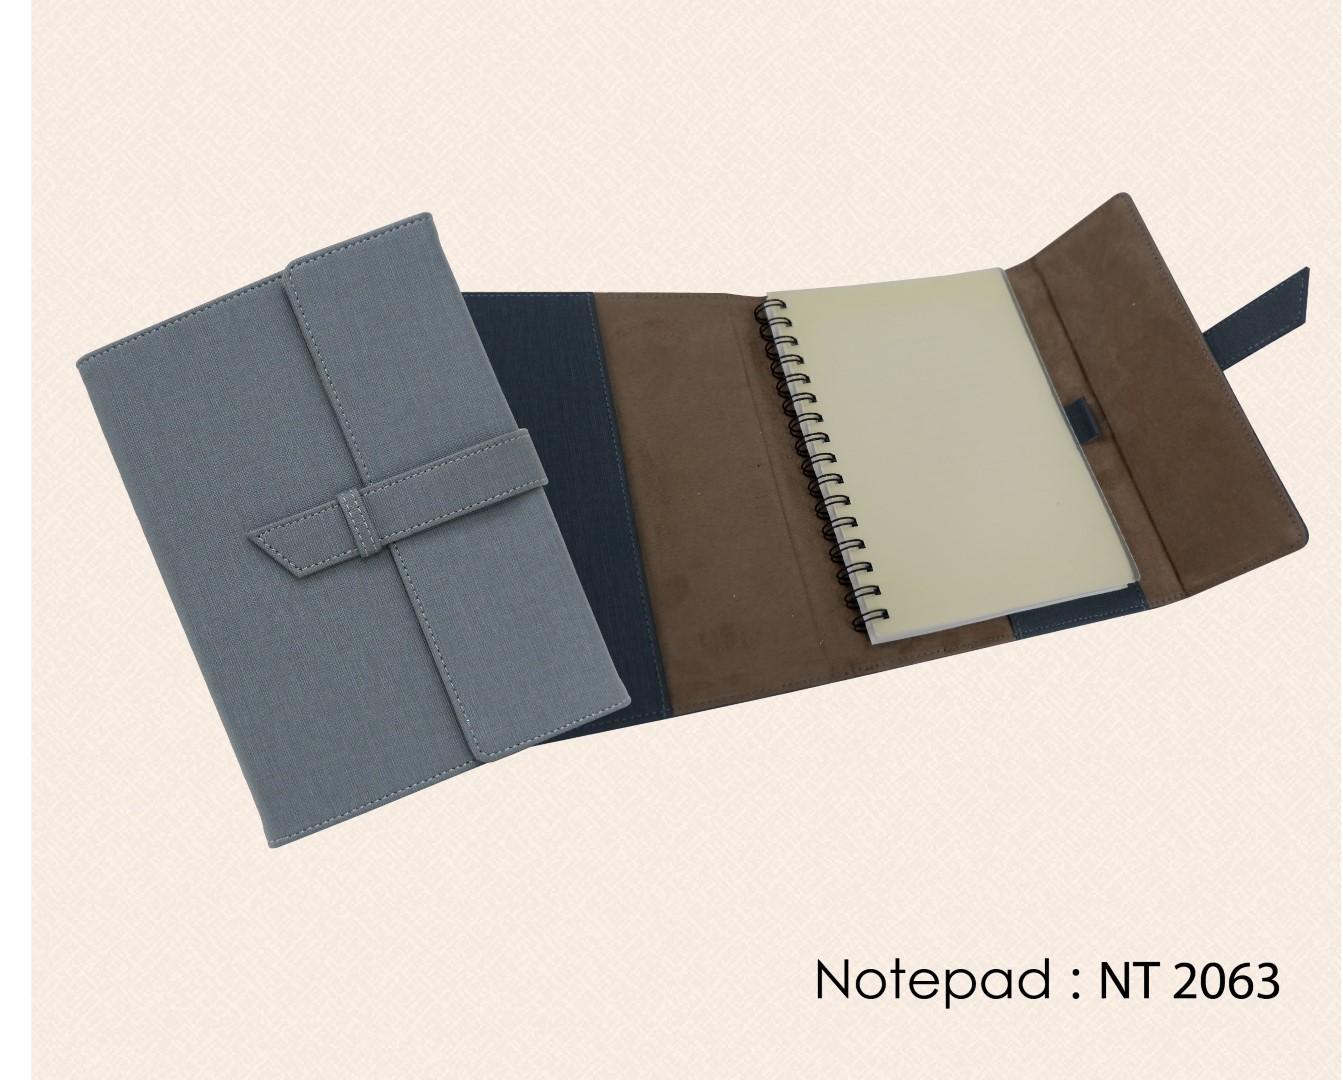 สมุดโน๊ต สมุดปกสอด ปกหนัง Notebook Notepad : NT 2063